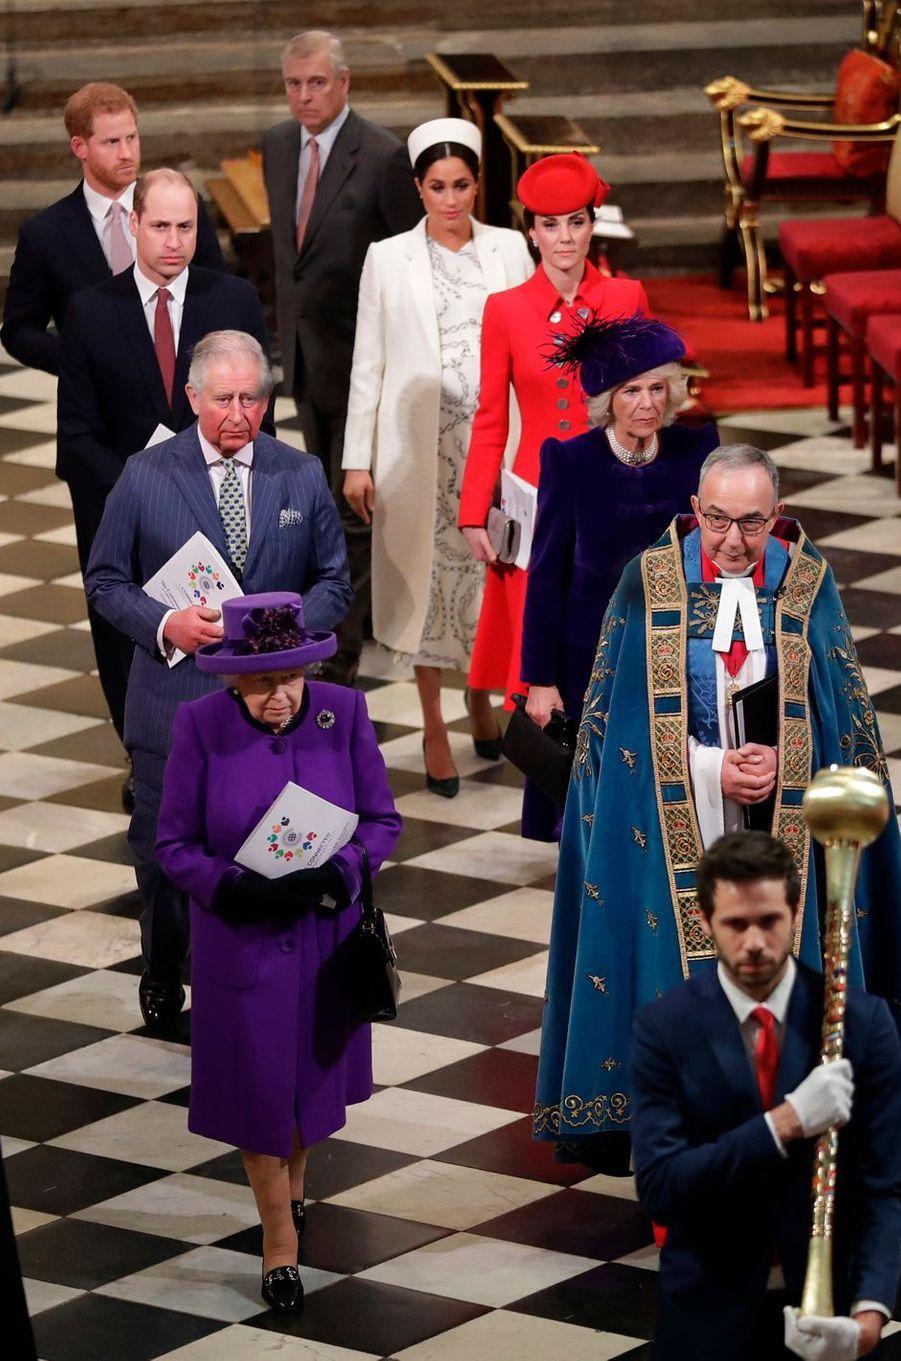 La famille royale britannique à Londres, le 11 mars 2019